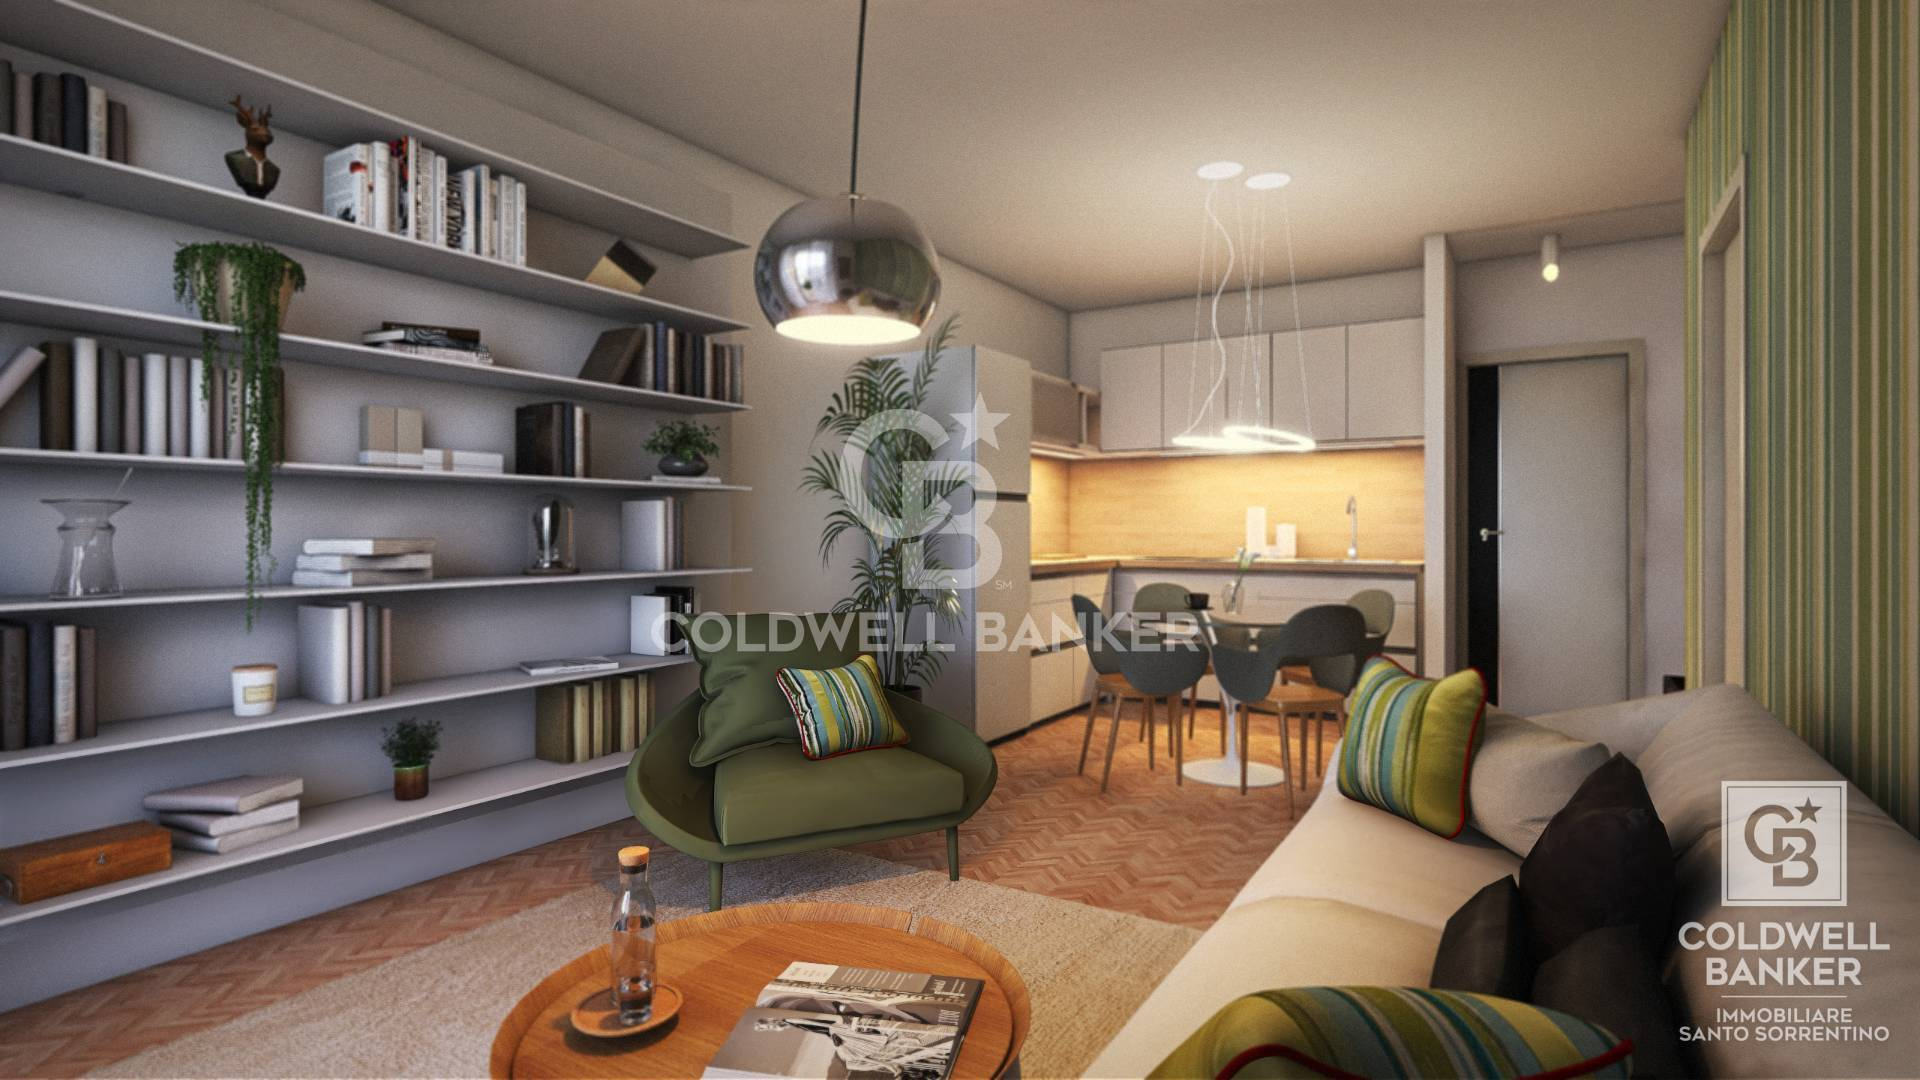 Appartamento in vendita a Roma, 2 locali, zona Zona: 25 . Trastevere - Testaccio, prezzo € 490.000 | CambioCasa.it